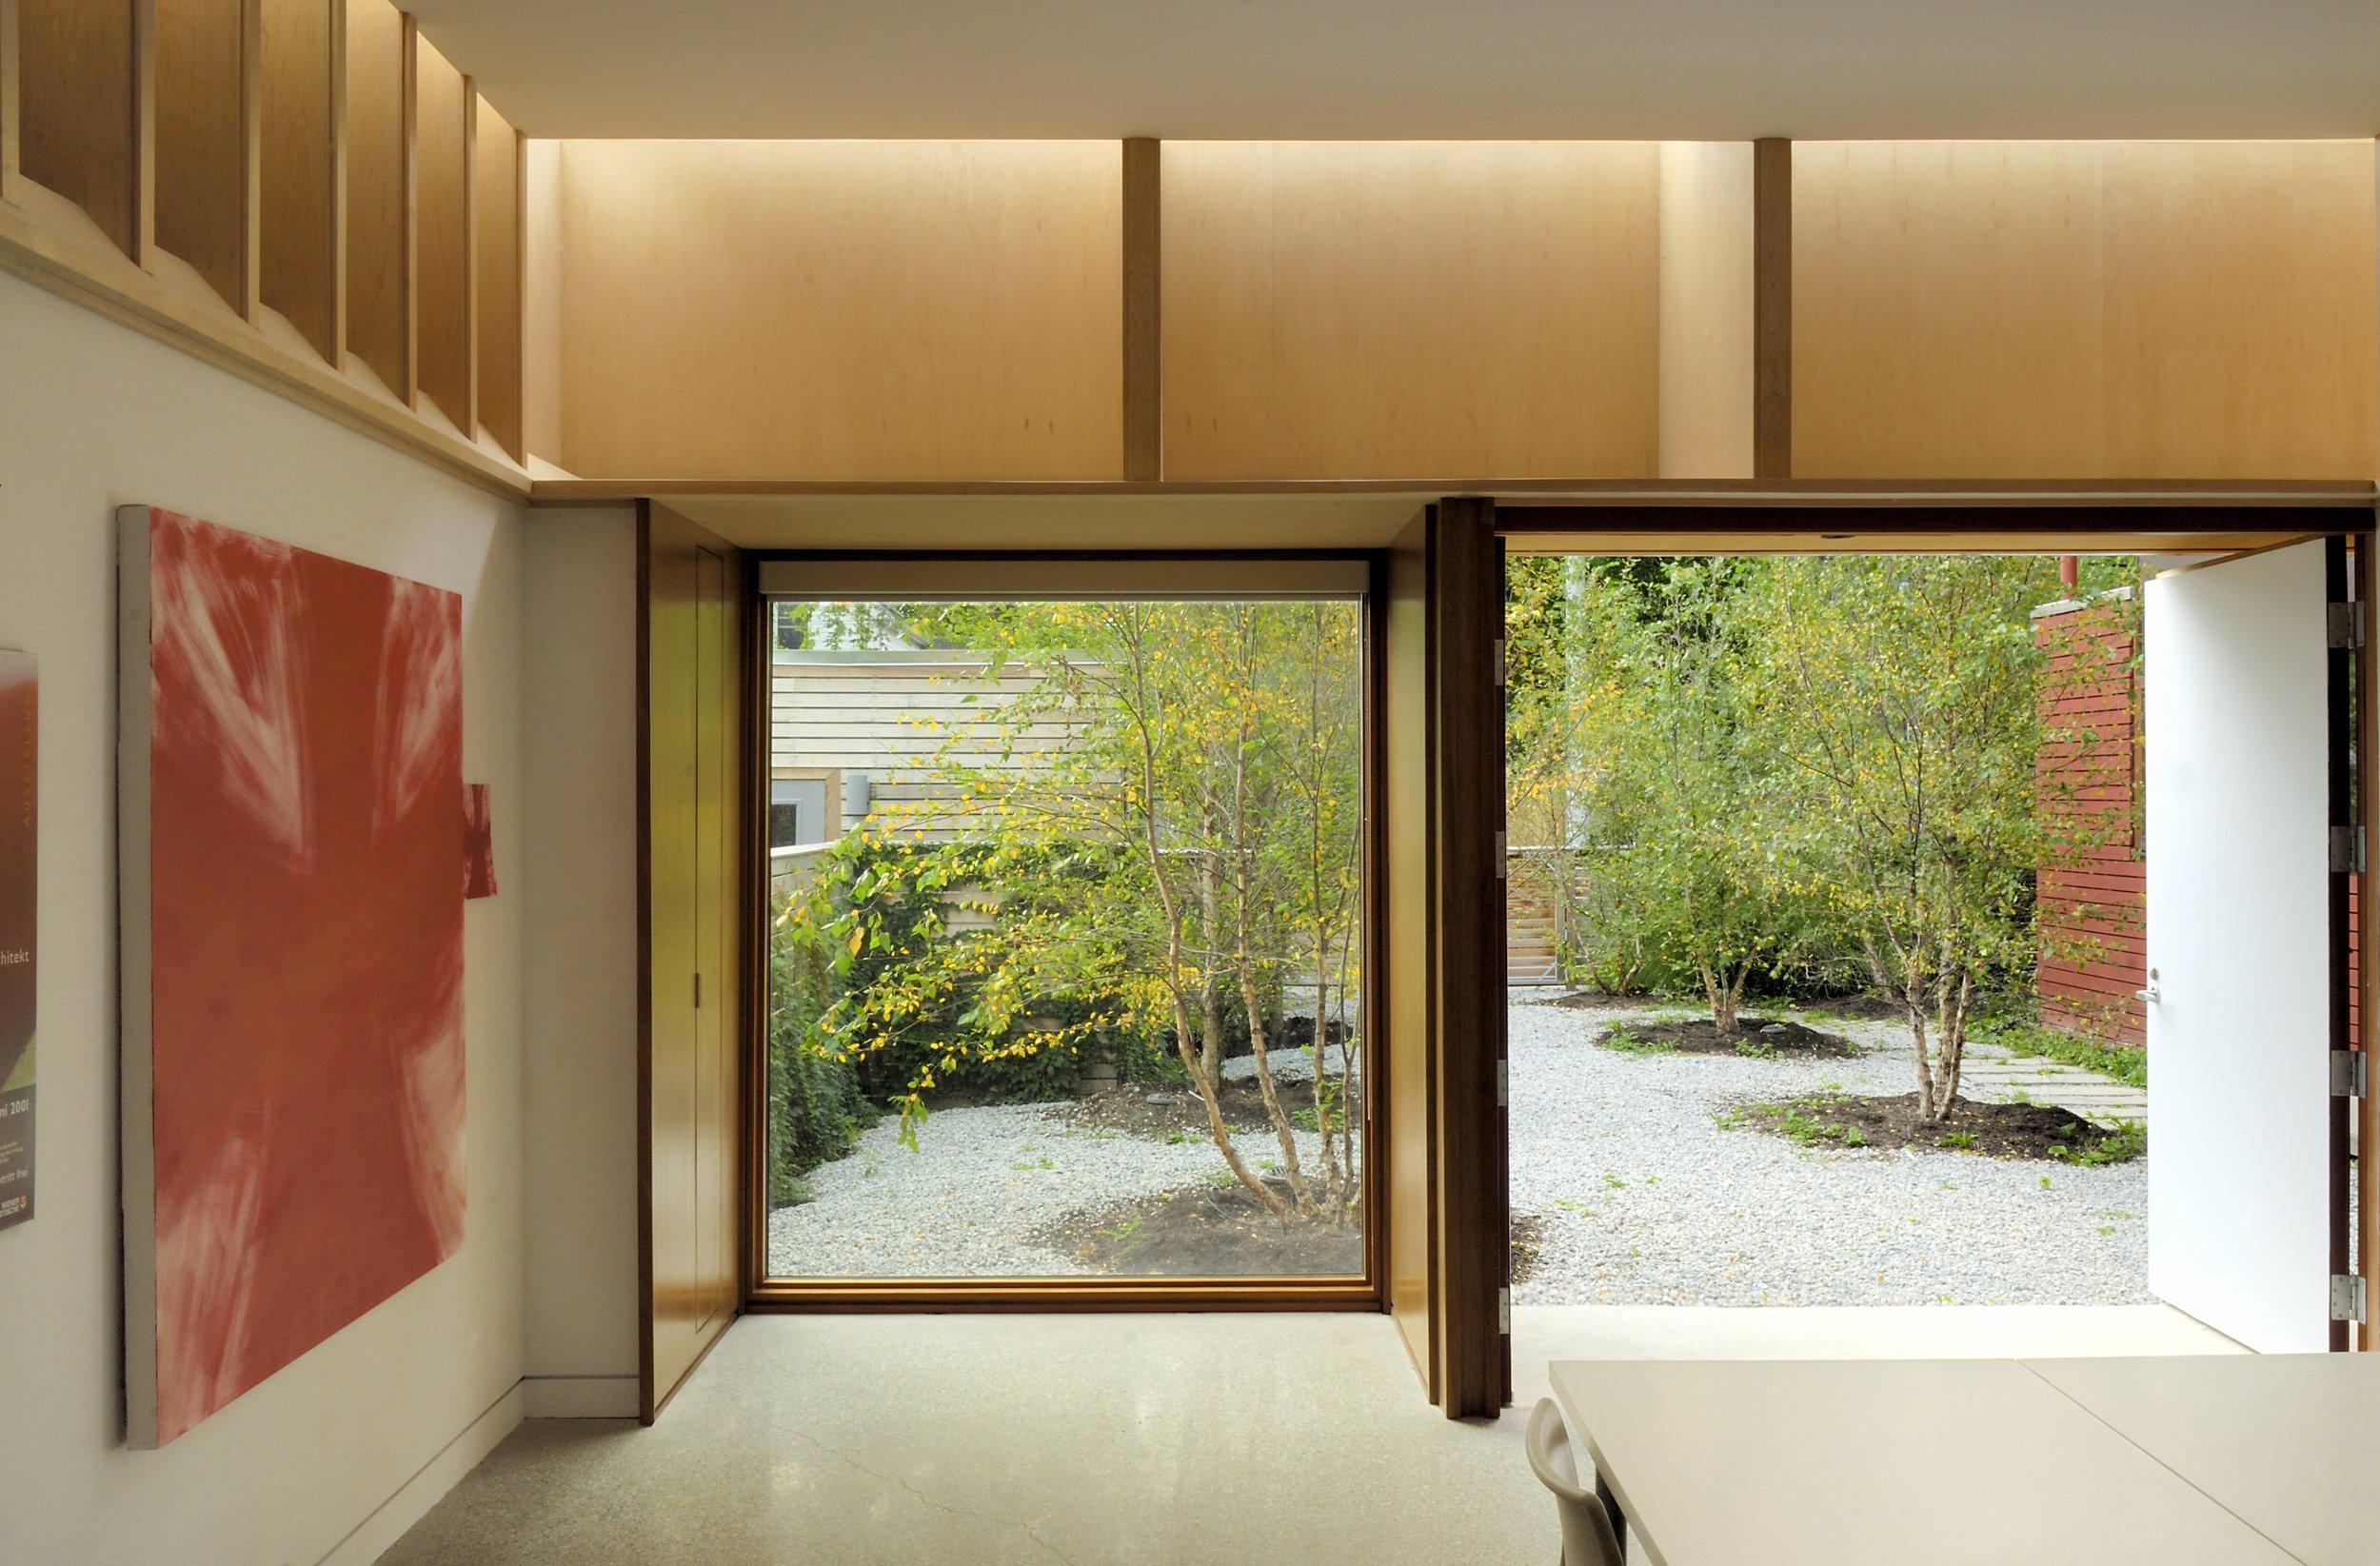 Craven Road Studio Interior Front Window View